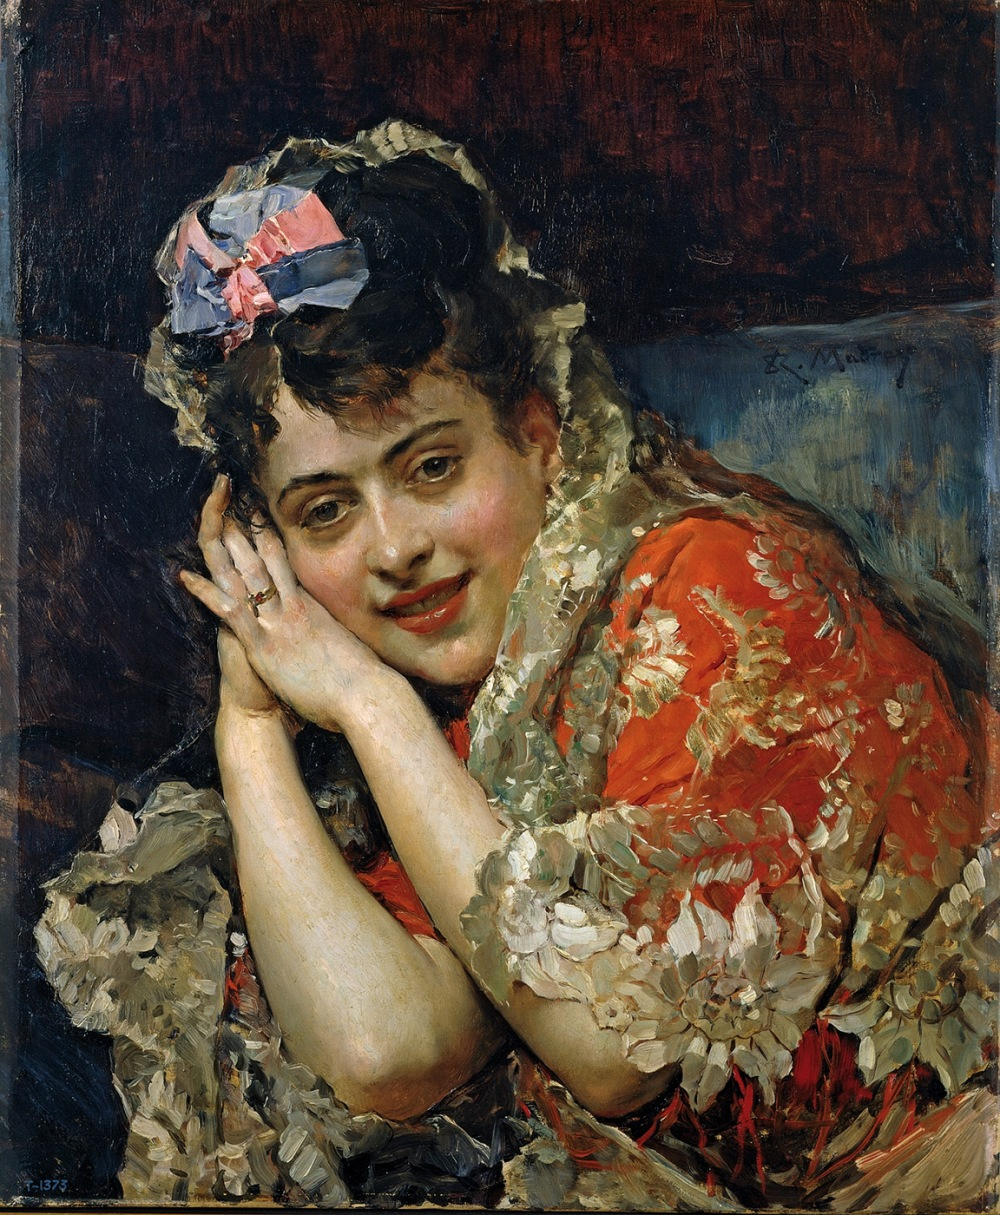 Raimundo de Madrazo. Aline Masson, con mantilla blanca. Hacia 1875. Museo Nacional del Prado.